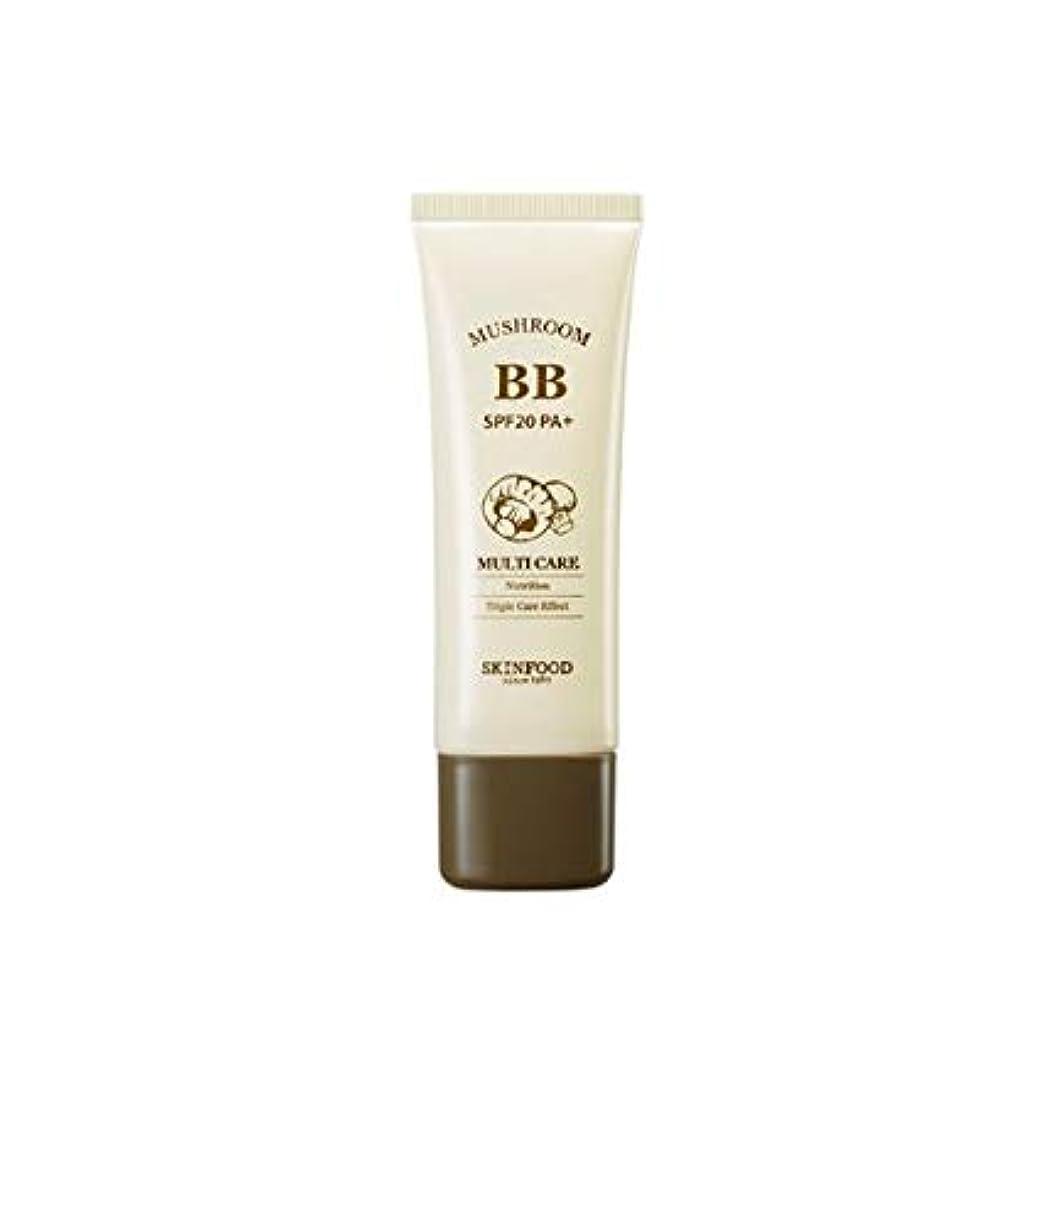 プレフィックス昨日マーキーSkinfood マッシュルームマルチケアBBクリームSPF20 PA +#No。 2ナチュラルスキン / Mushroom Multi Care BB Cream SPF20 PA+#No. 2 Natural Skin...